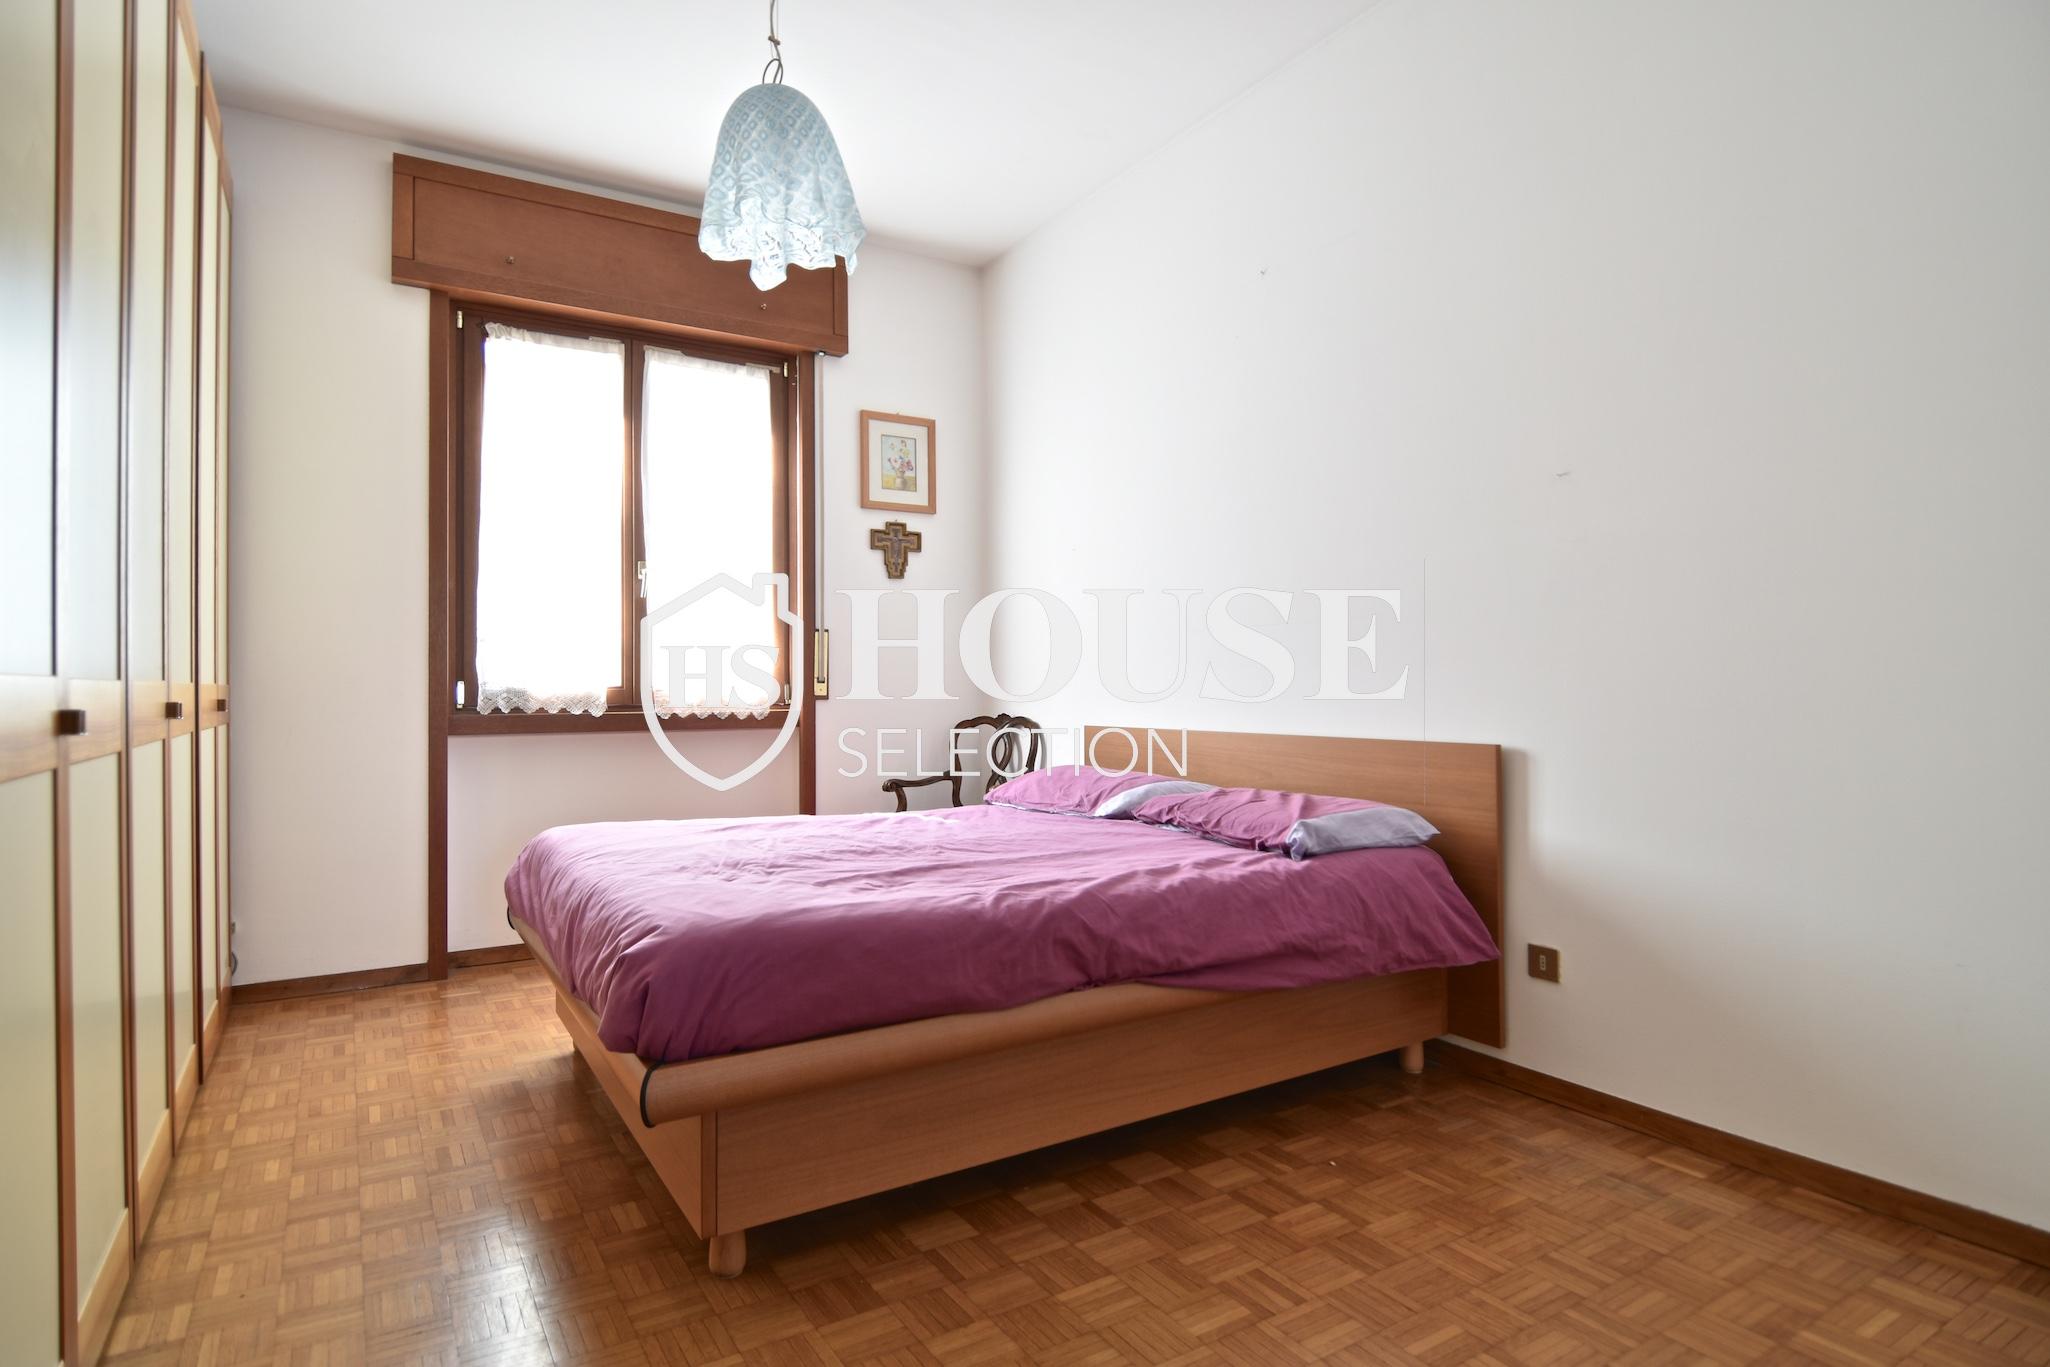 Vendita quadrilocale con balconi, piazza Bolivar, piano alto, luminoso, fermata metropolitana, Milano 15